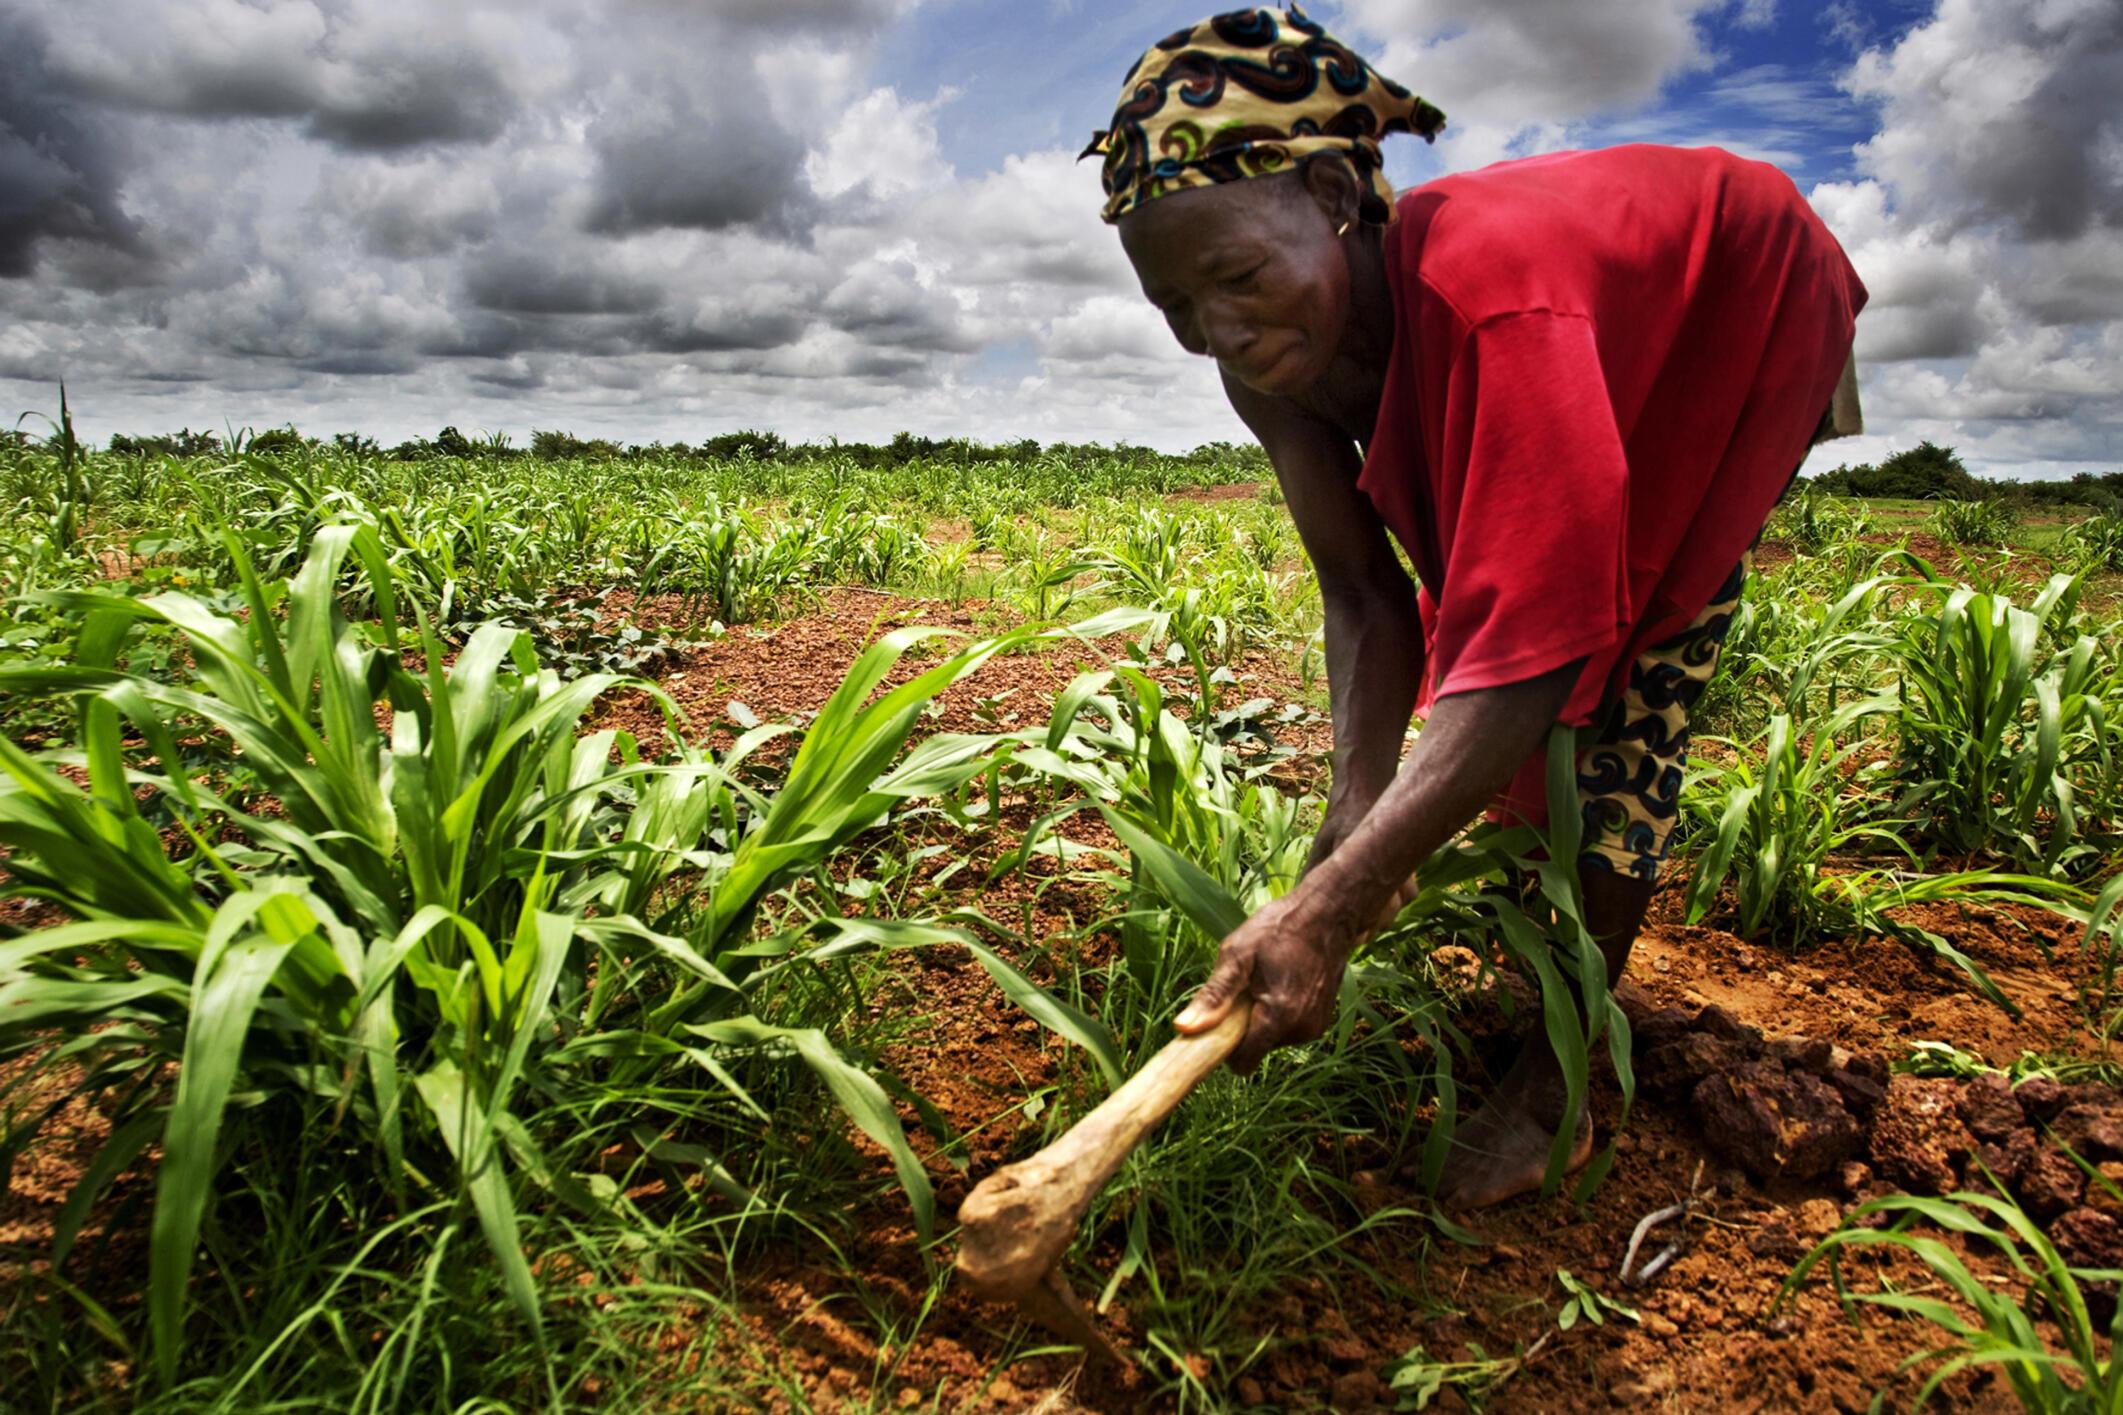 La question de l'accaparement des terres est une question cruciale au Mali.